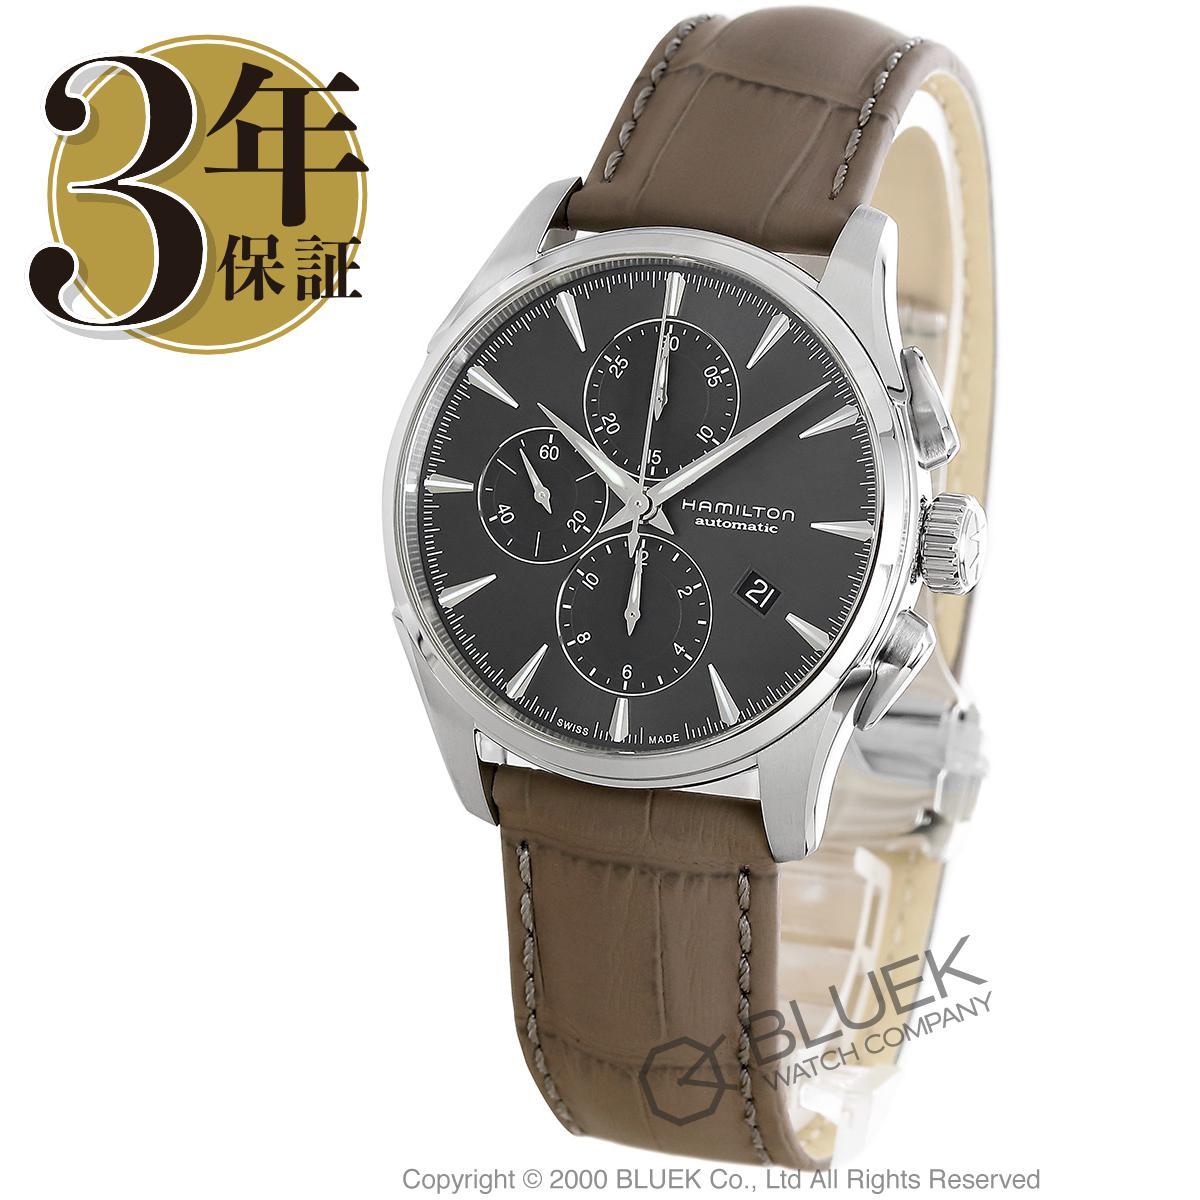 ハミルトン ジャズマスター オート クロノ クロノグラフ 腕時計 メンズ HAMILTON H32586881_3